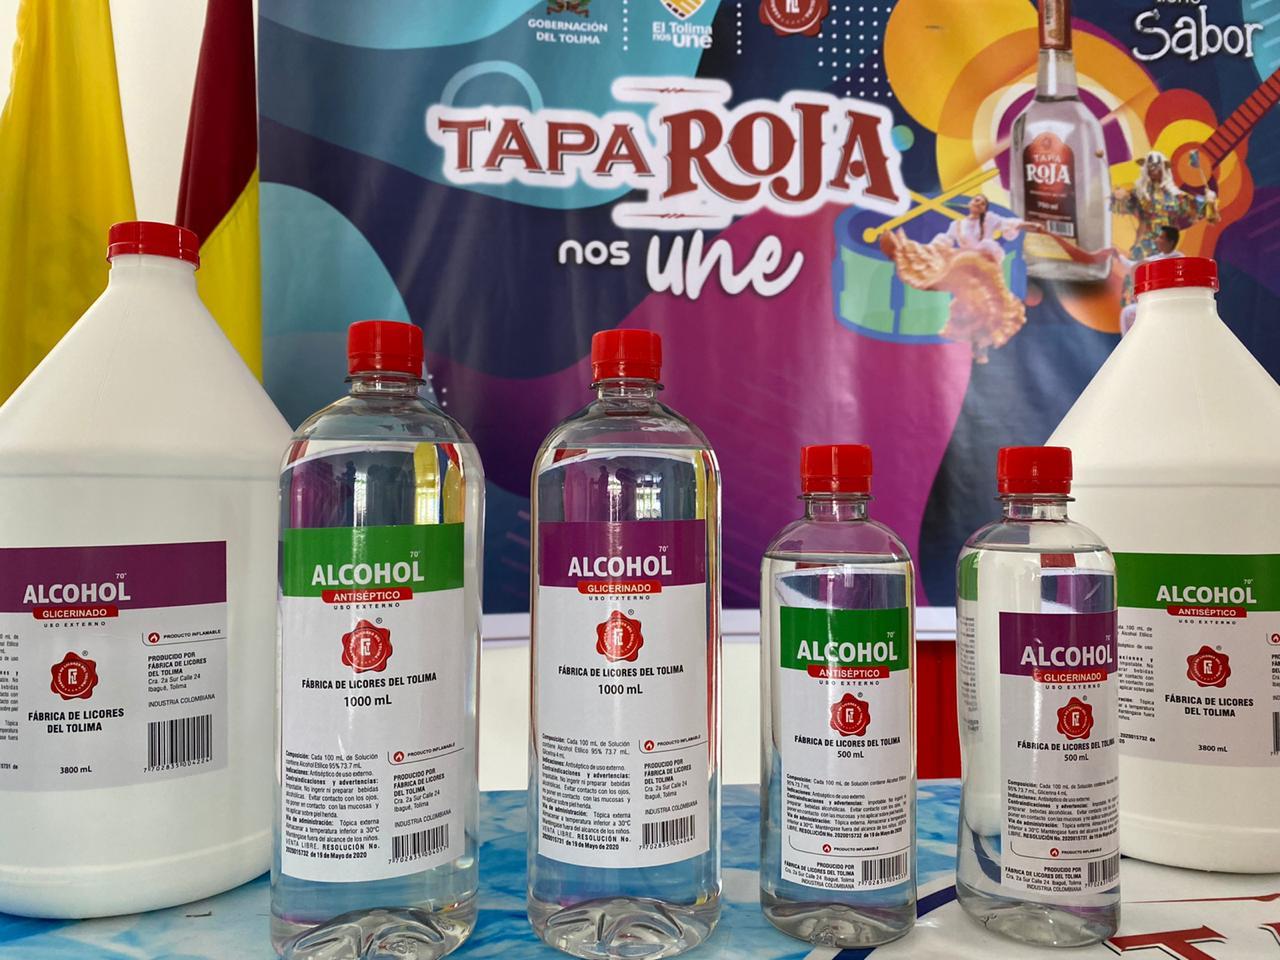 Fábrica de Licores del Tolima hace lanzamiento del alcohol antiséptico y programación de actividades folclóricas